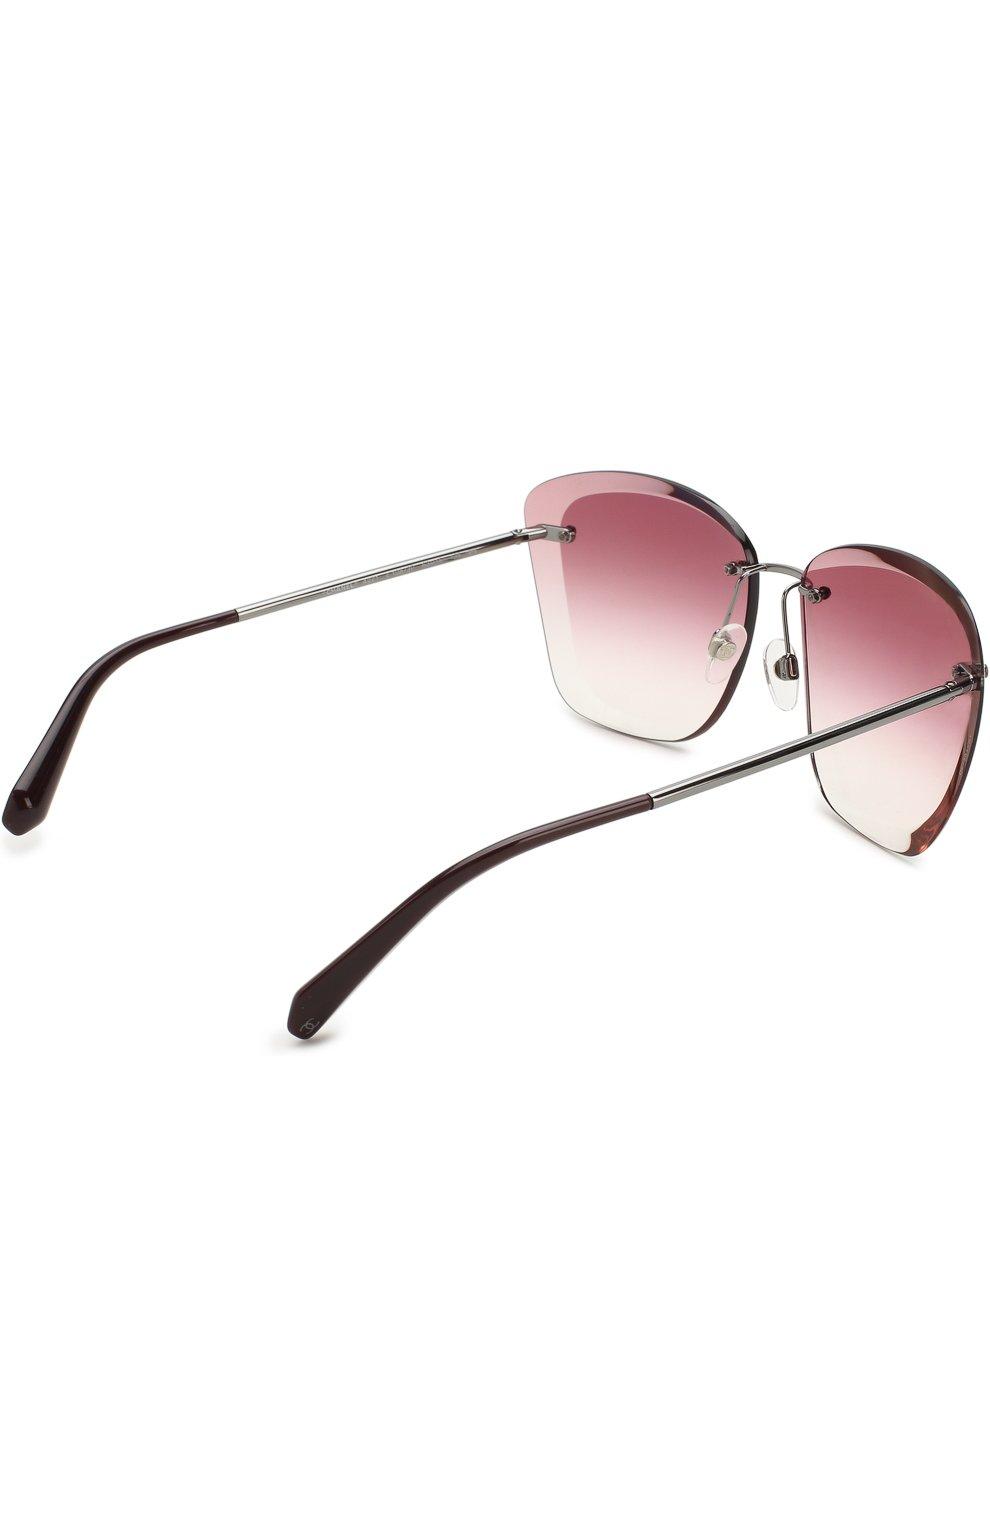 Солнцезащитные очки Chanel розовые   Фото №3